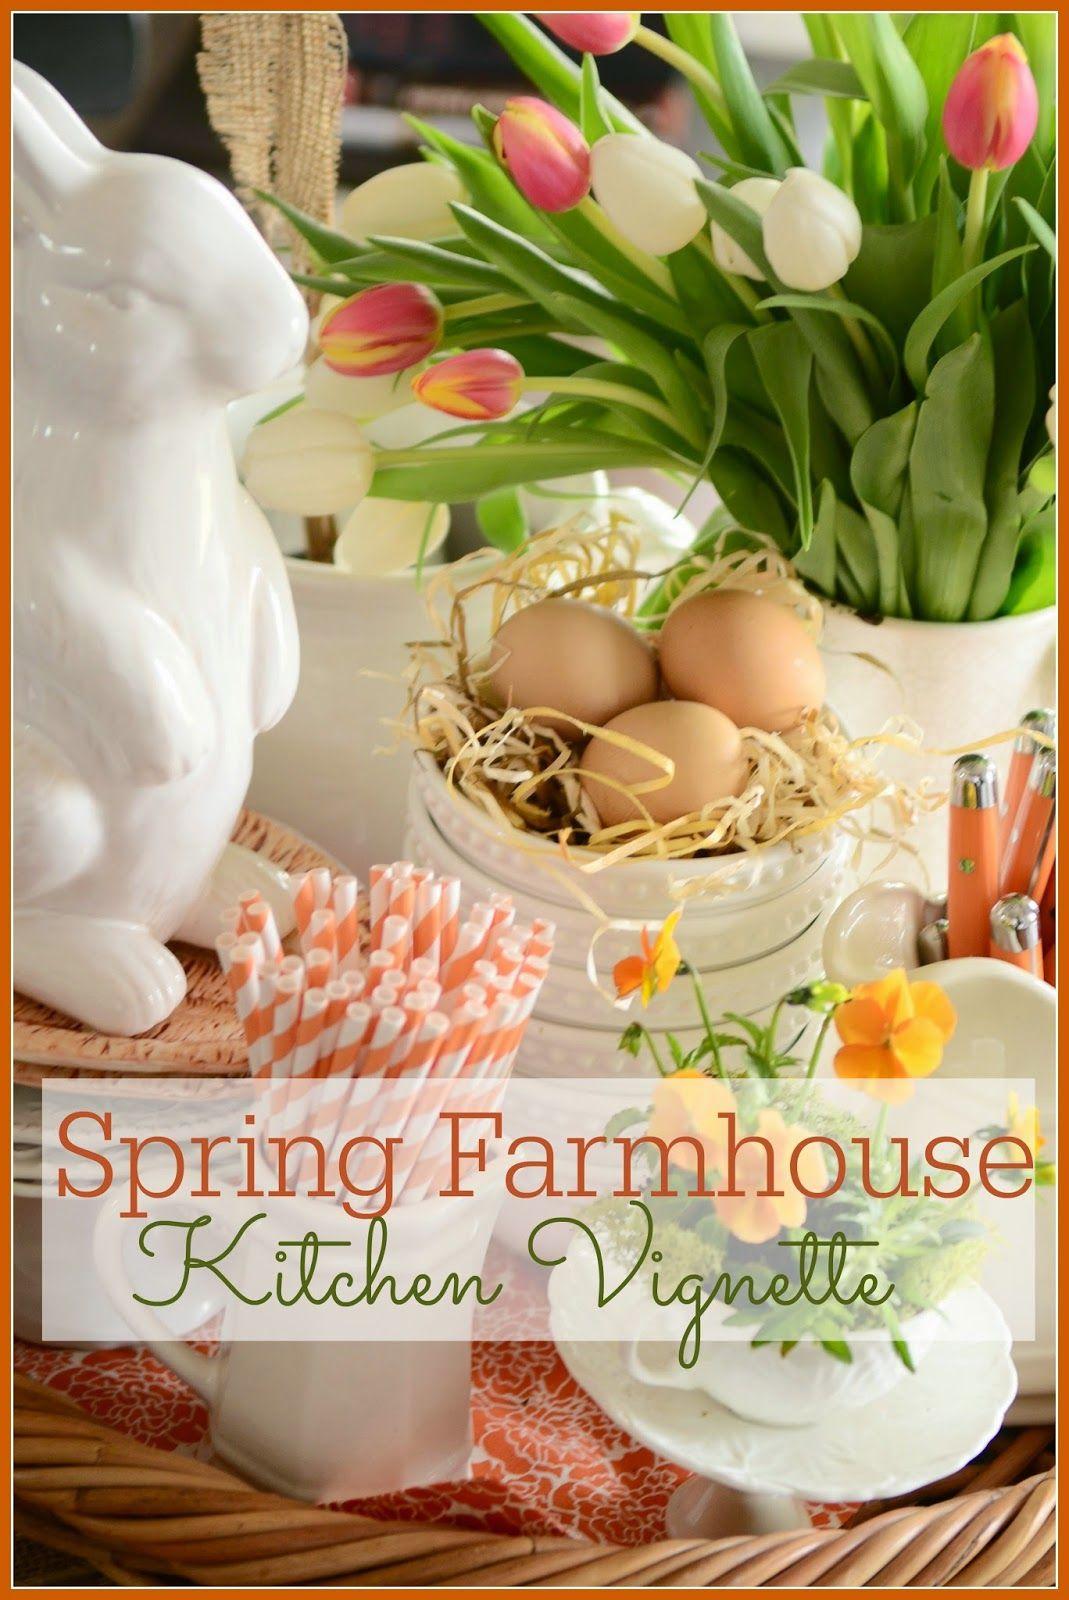 SPRING FARMHOUSE KITCHEN VIGNETTE - StoneGable